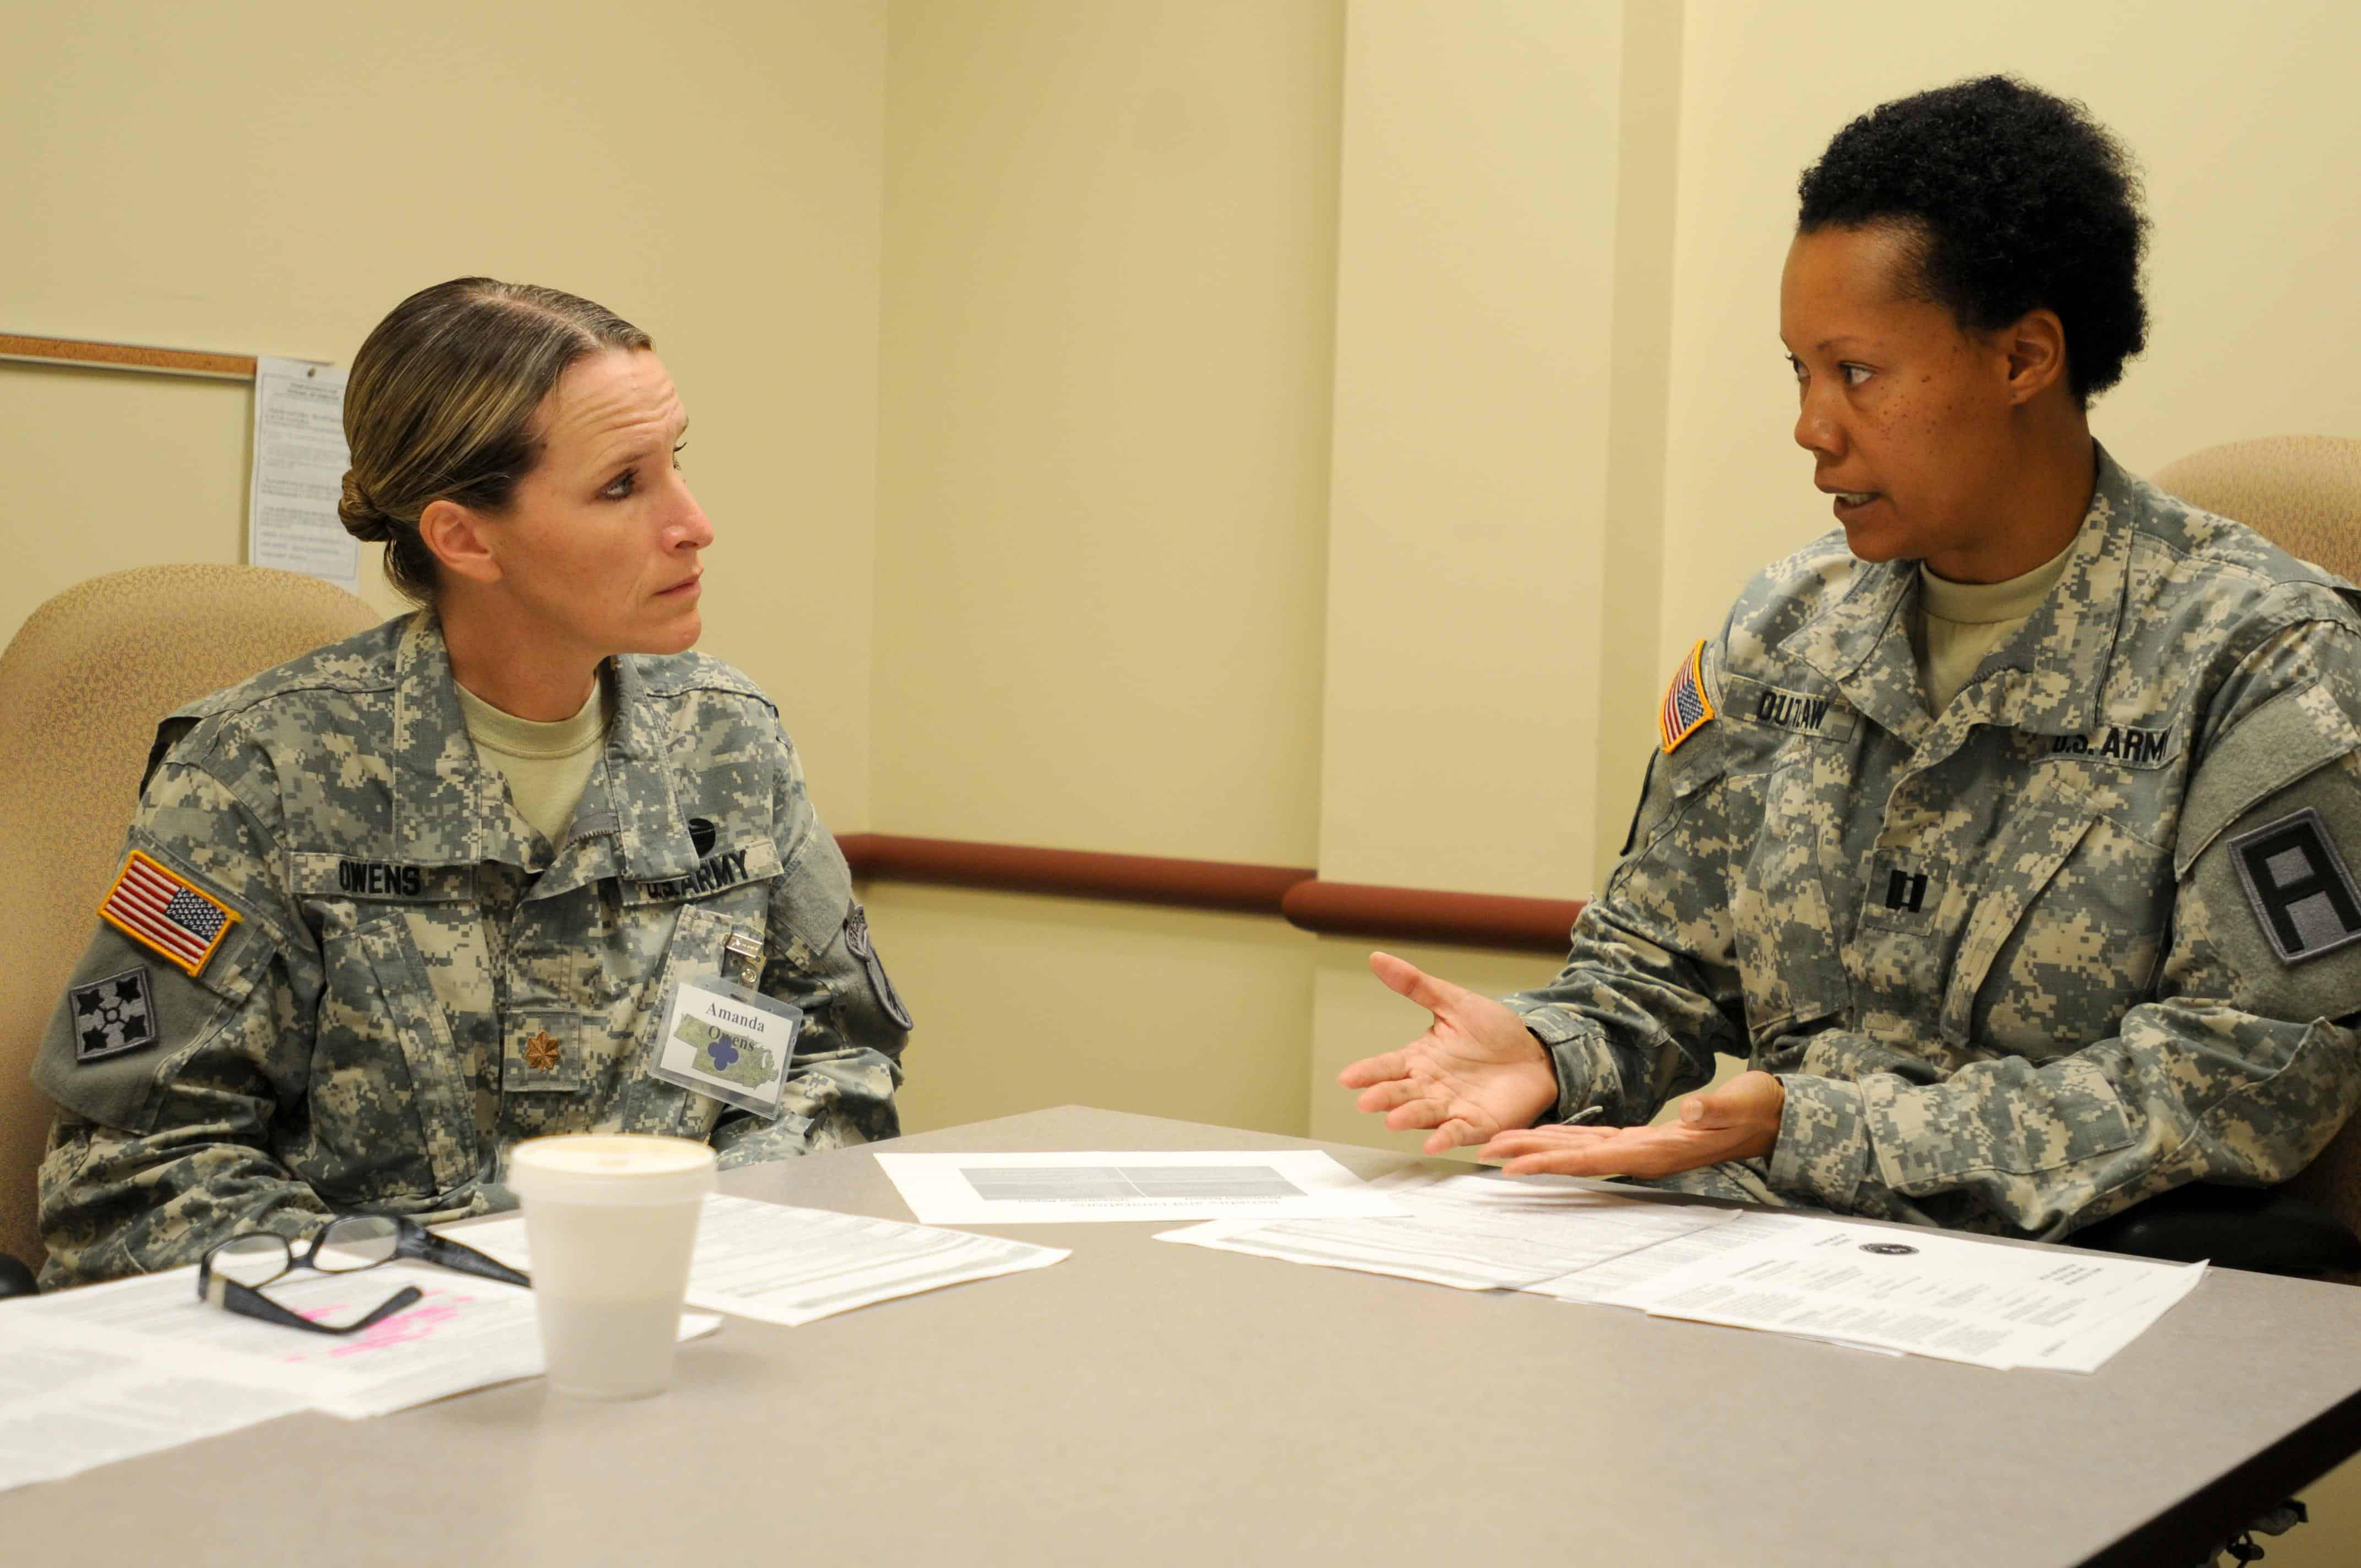 Army background checks form